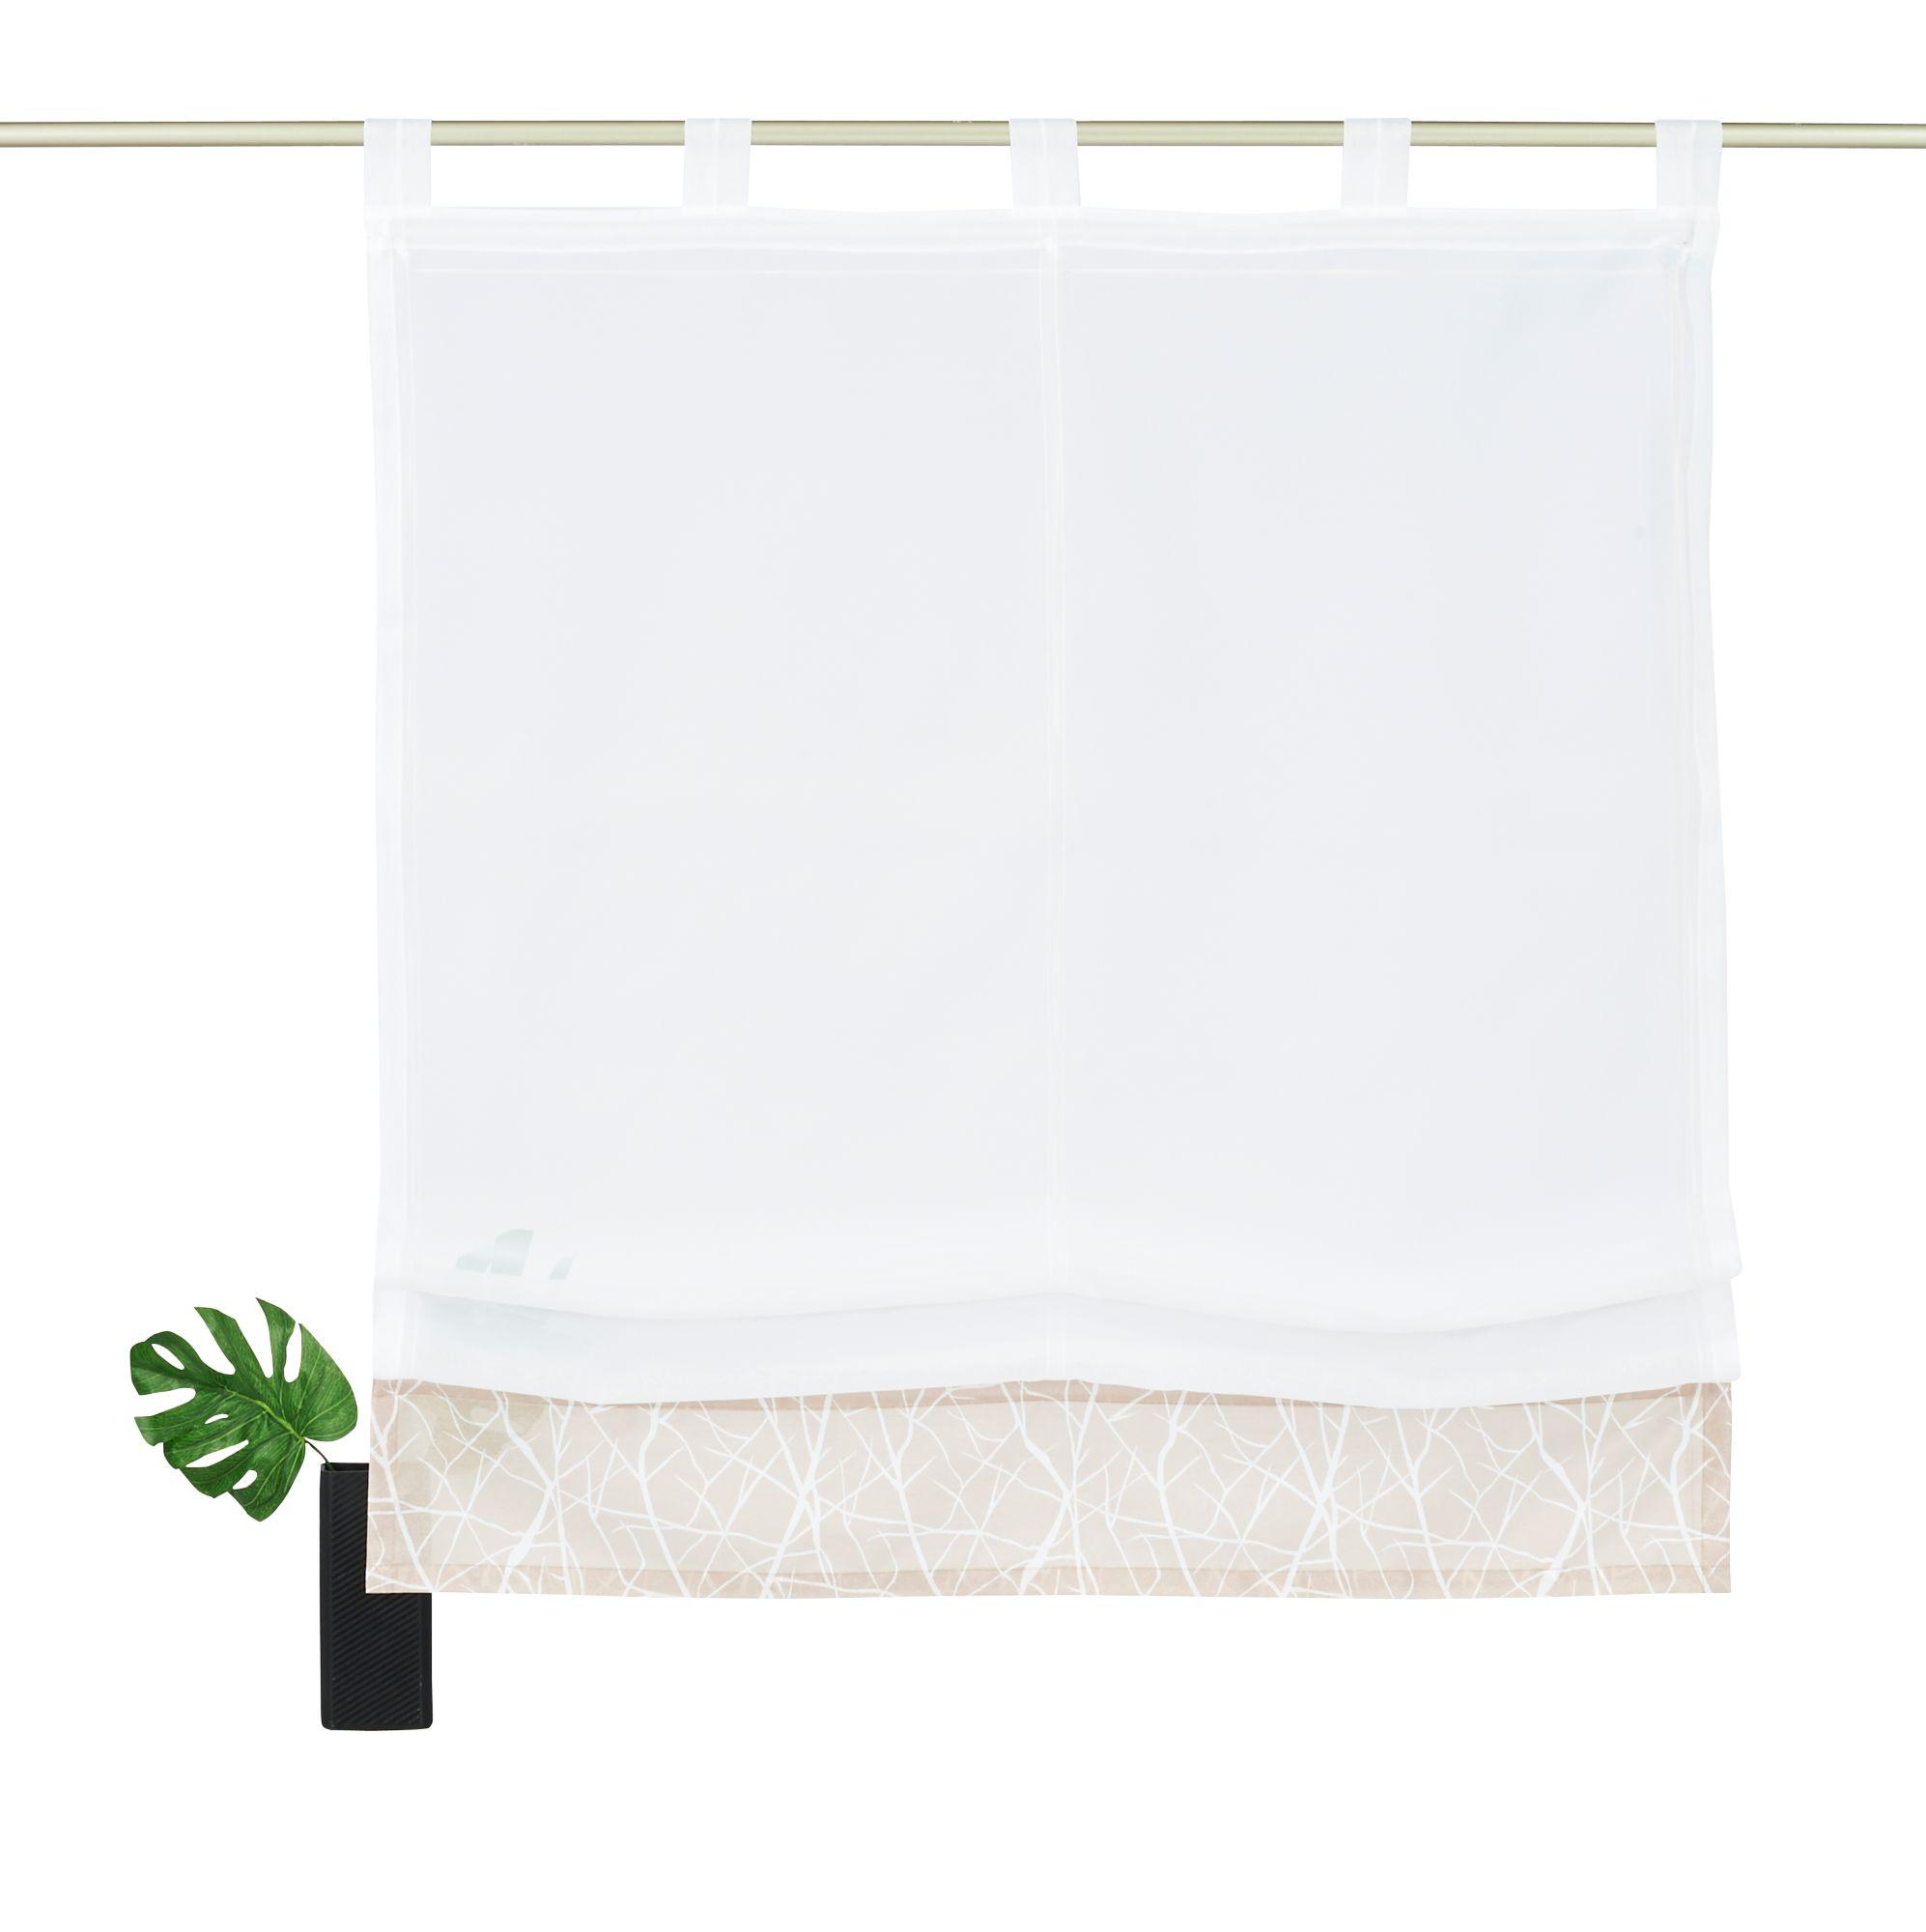 raffrollo my home camposa mit schlaufen schwab. Black Bedroom Furniture Sets. Home Design Ideas